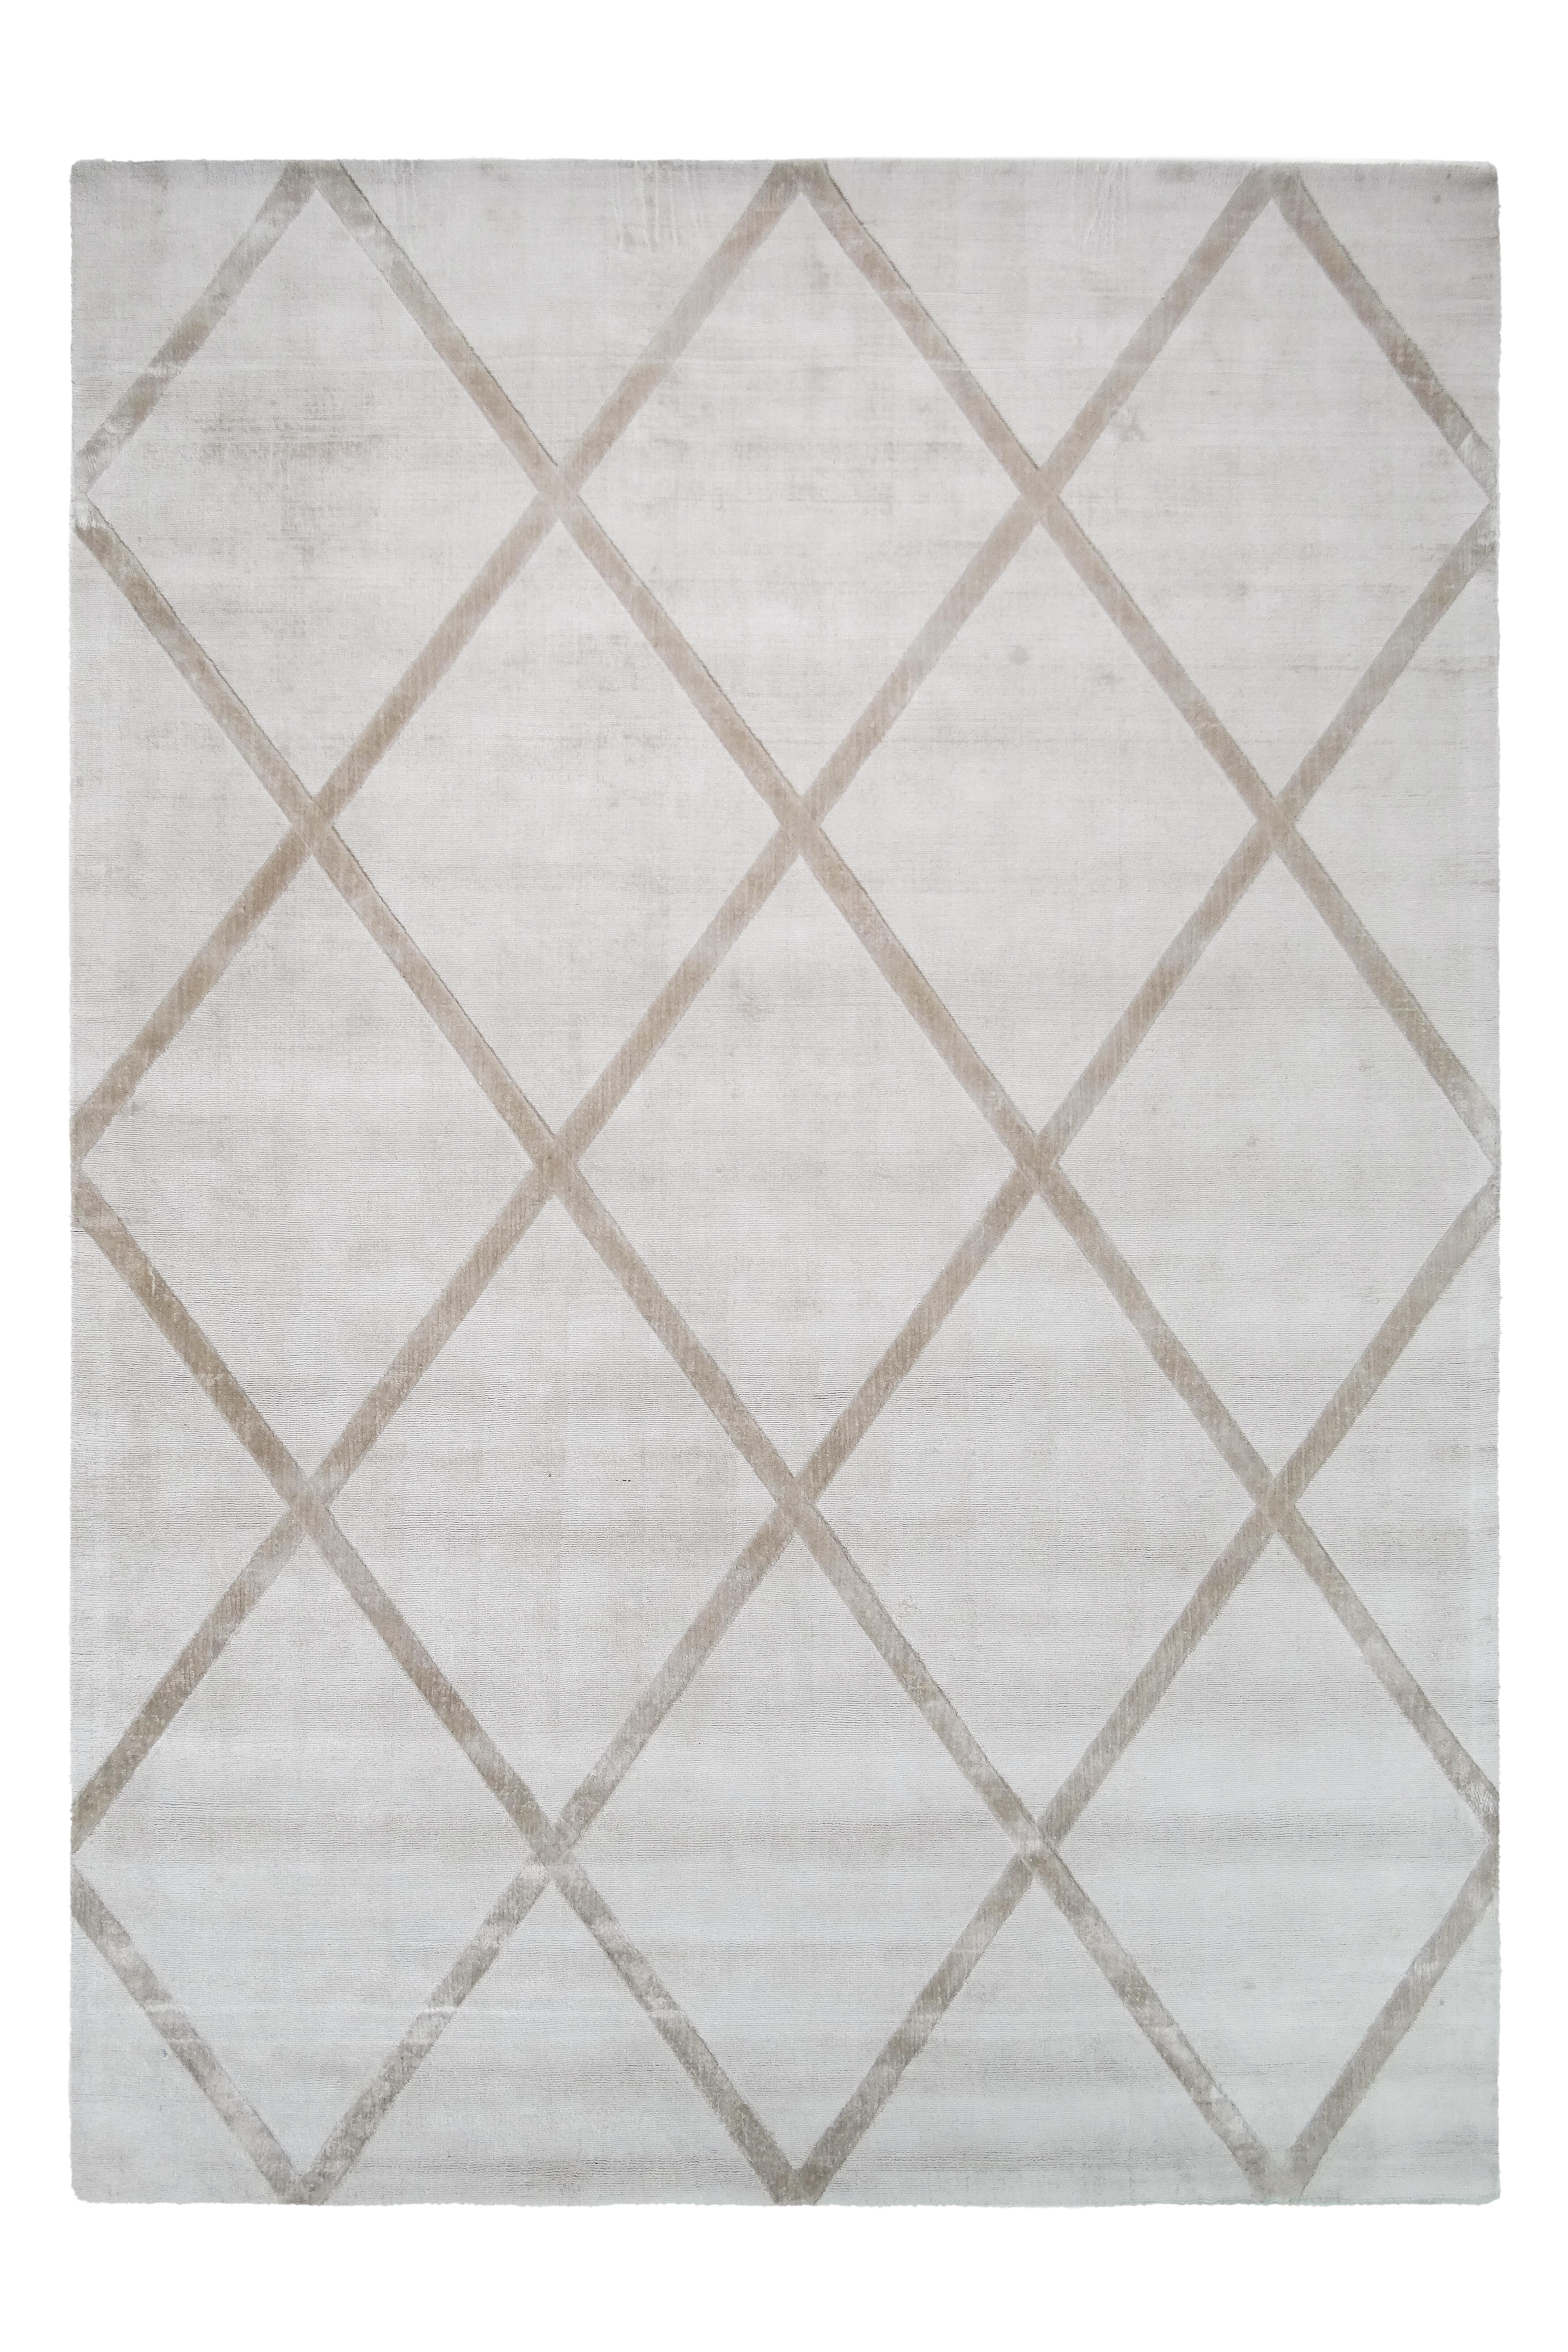 Kayoom Vloerkleed 'Luxury 210' kleur Ivoor / Taupe, 80 x 150cm